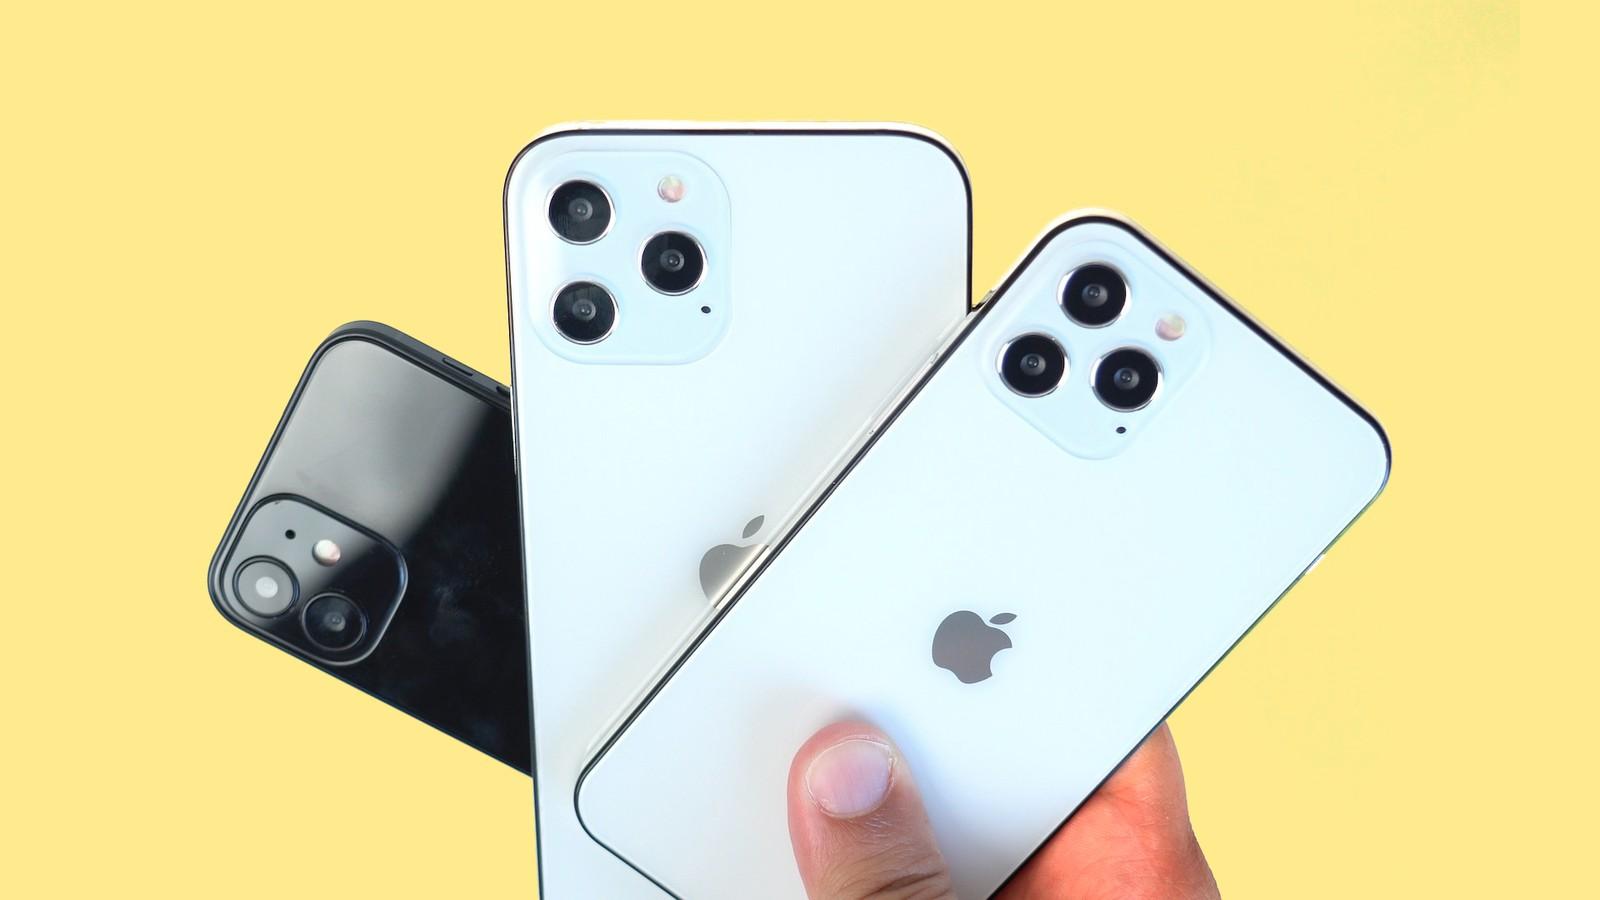 iphone12dummycameras feature - iPhone 12 představení se koná 13. 10. v úterý. Apple datum potvrdil